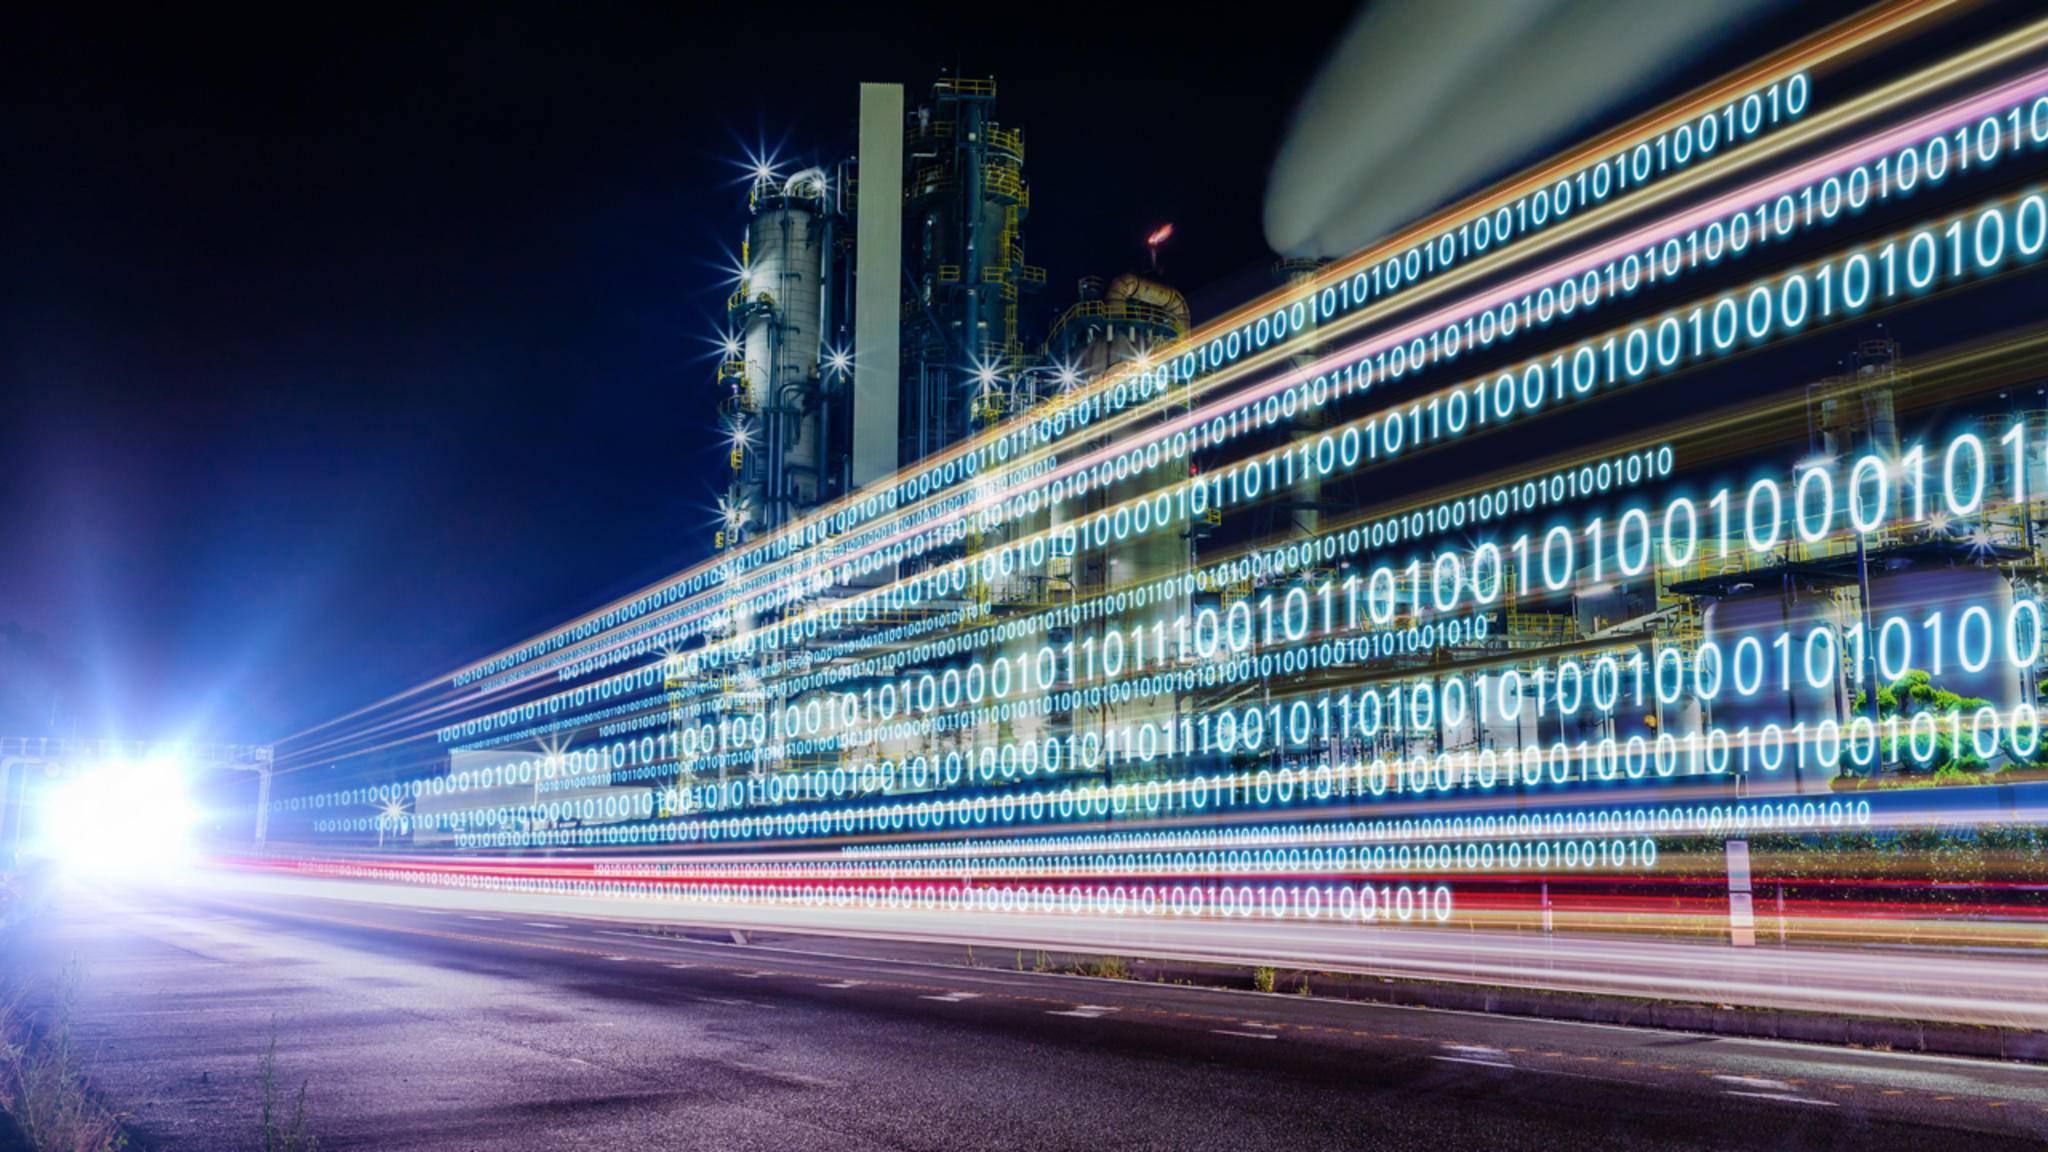 2019 wird sich im Digitalbereich einiges ändern.